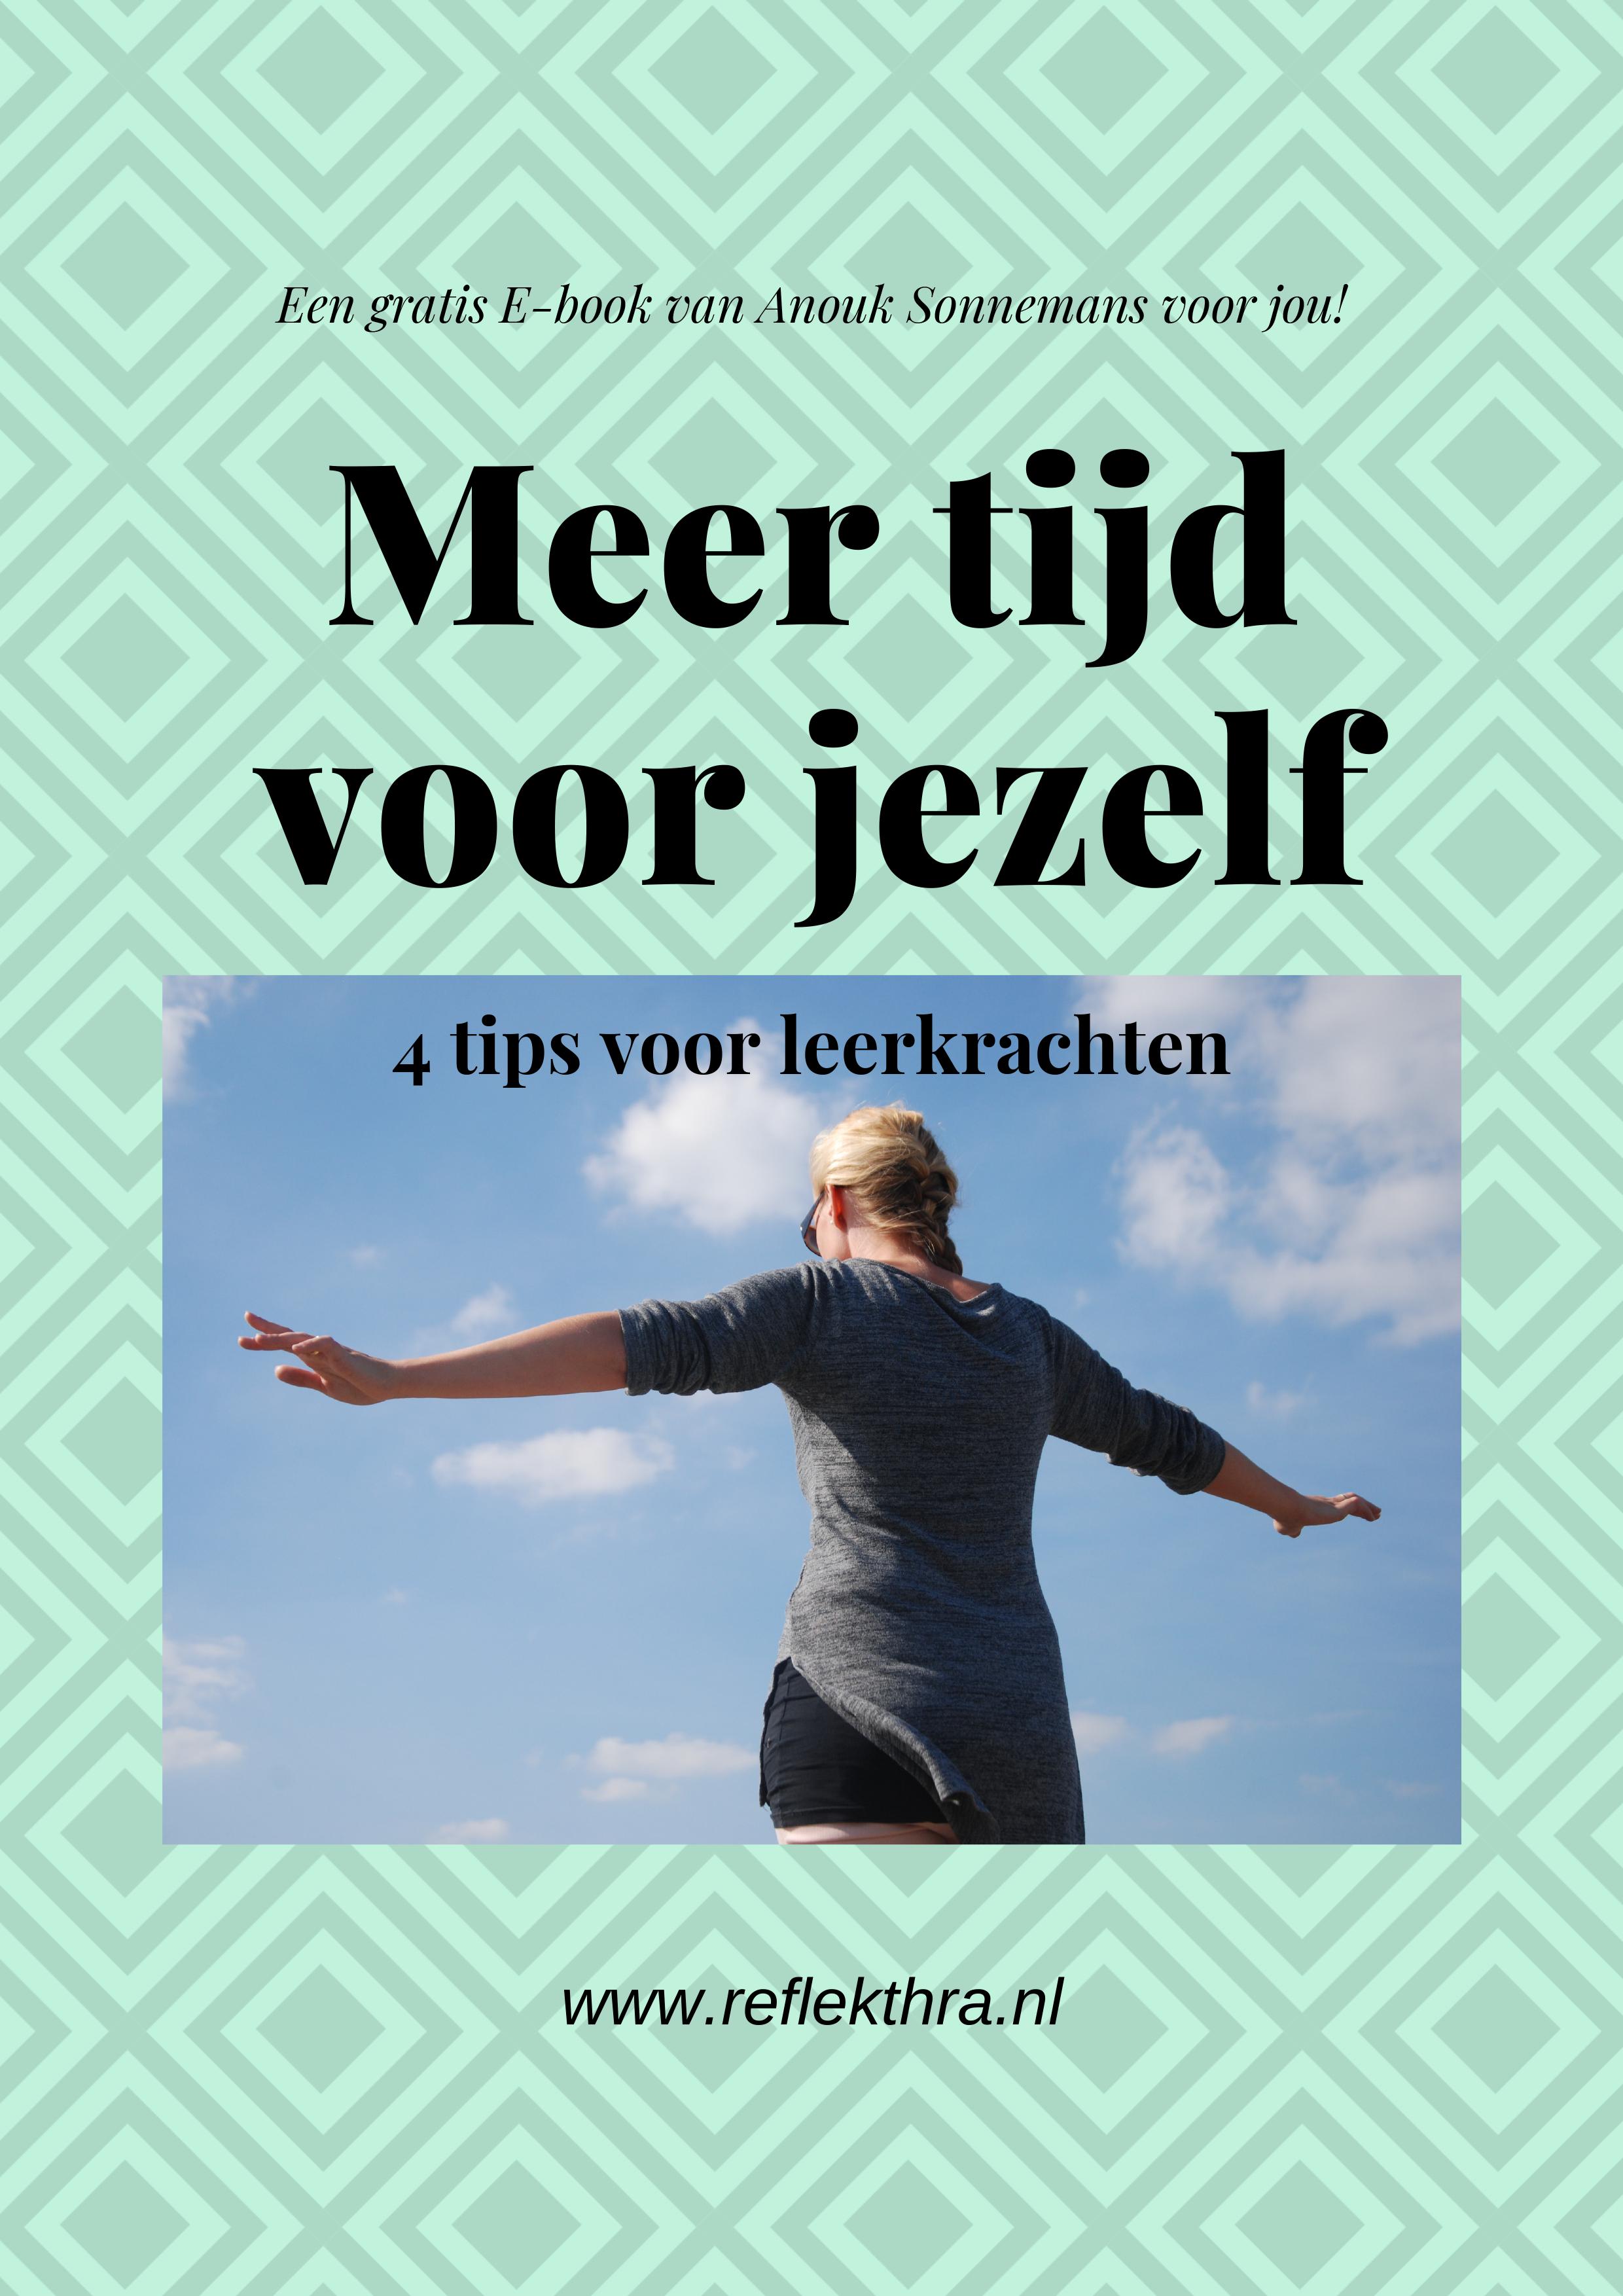 E-book_Meer_tijd_voor_jezelf_4_tips_voor_leerkrachten (2)-1.png